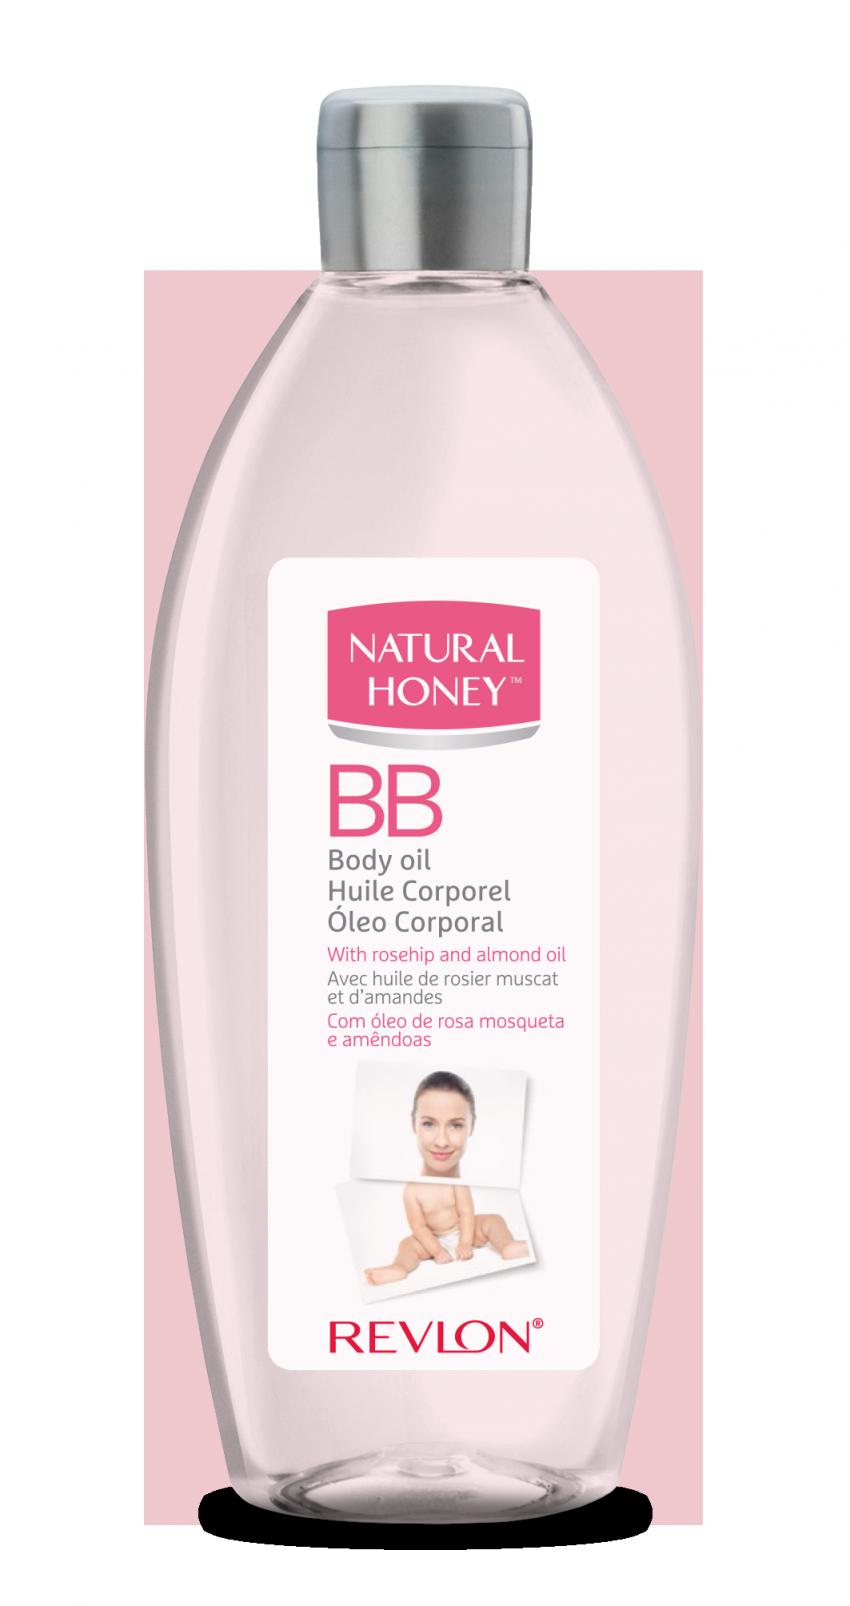 BB Body Oil Natural Honey 300ml _ PVPR  Ôé¼6,99